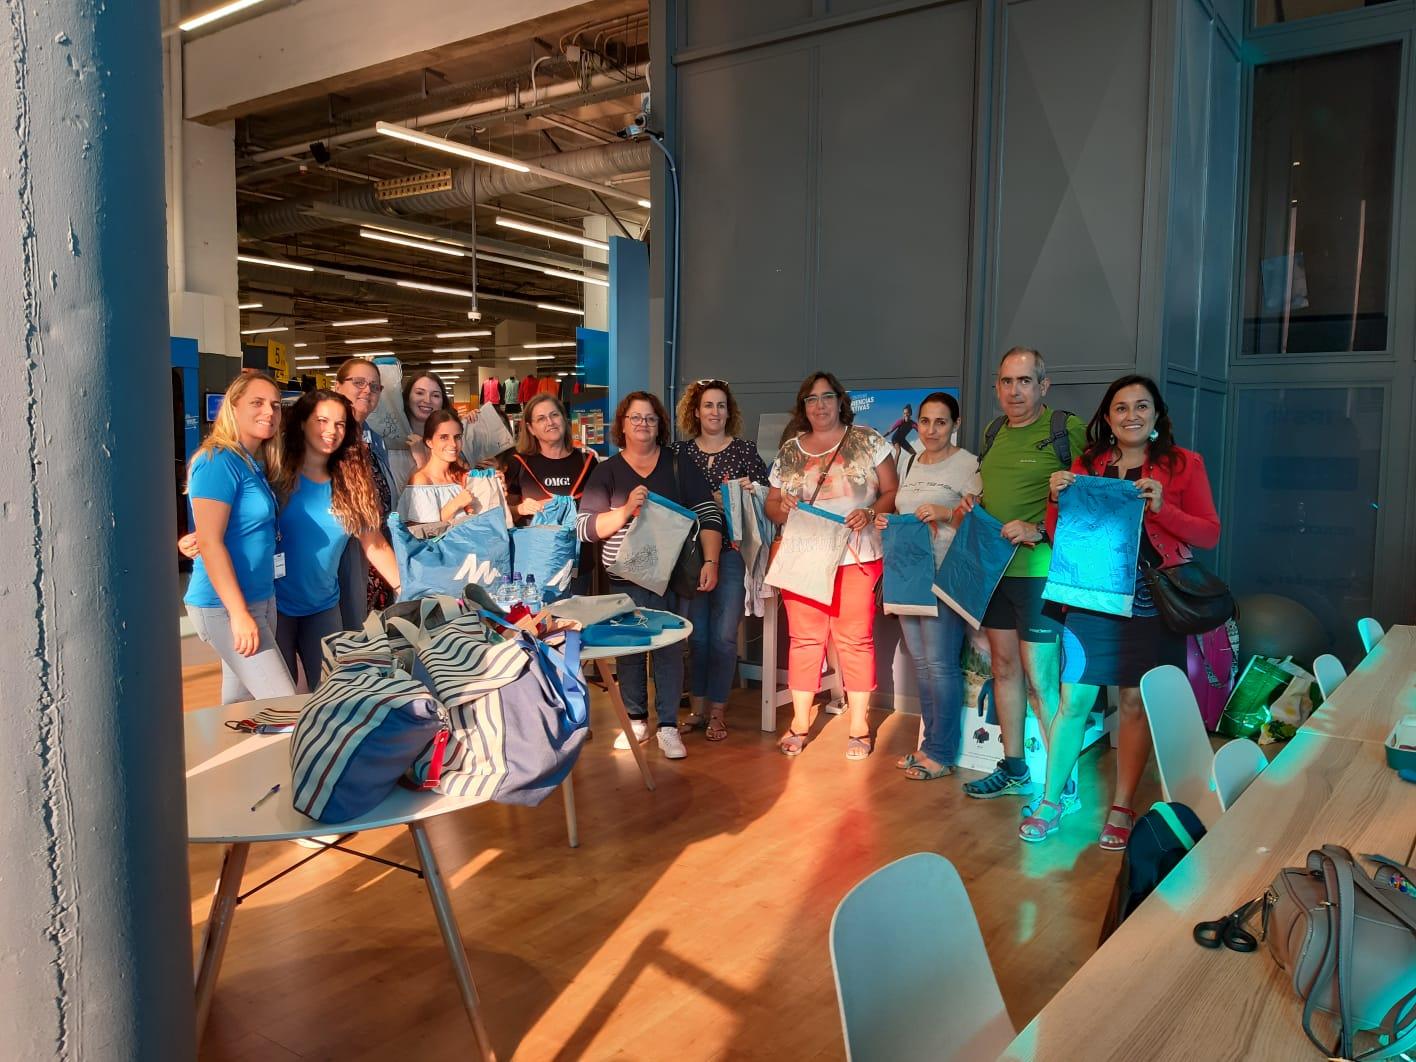 Participantes en el taller de costura con material reciclado